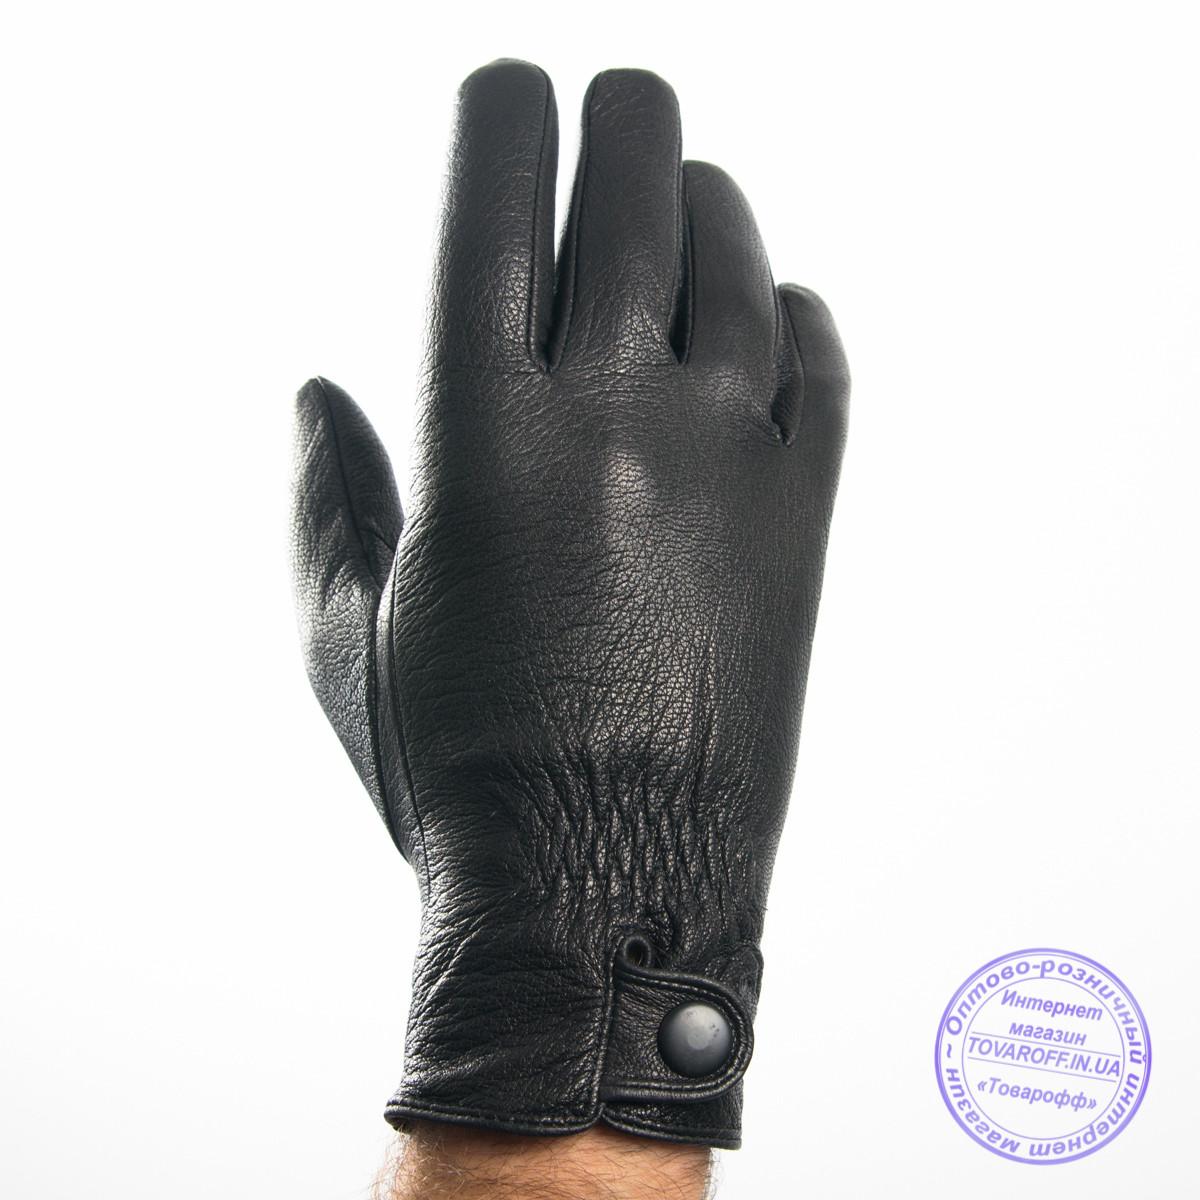 Мужские кожаные перчатки из оленьей кожи с шерстяной подкладкой - №M31-3